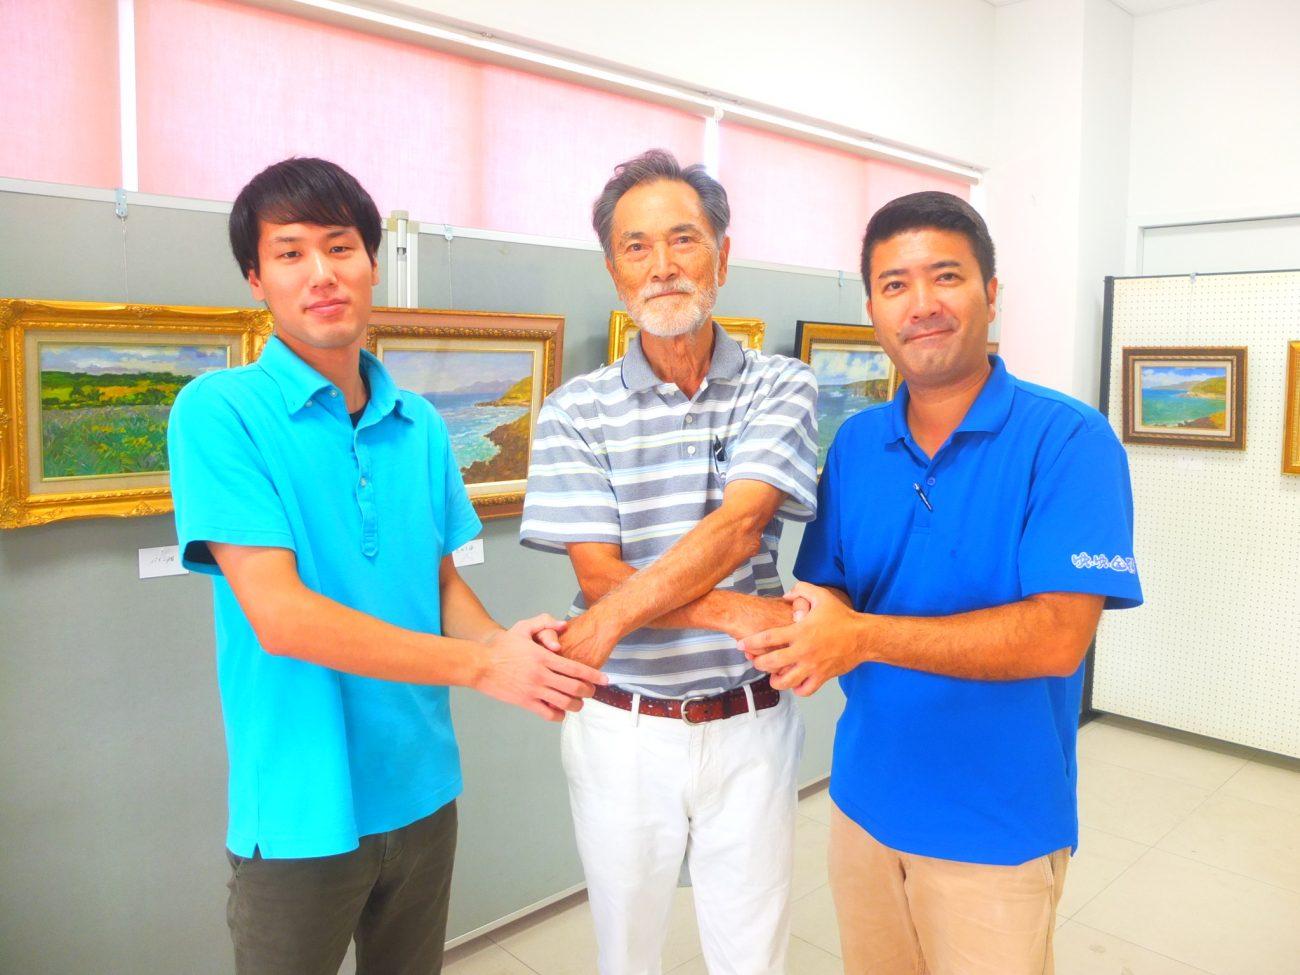 宮城重徳さんによる「国頭を描く絵画展」開催中 (9/31まで)